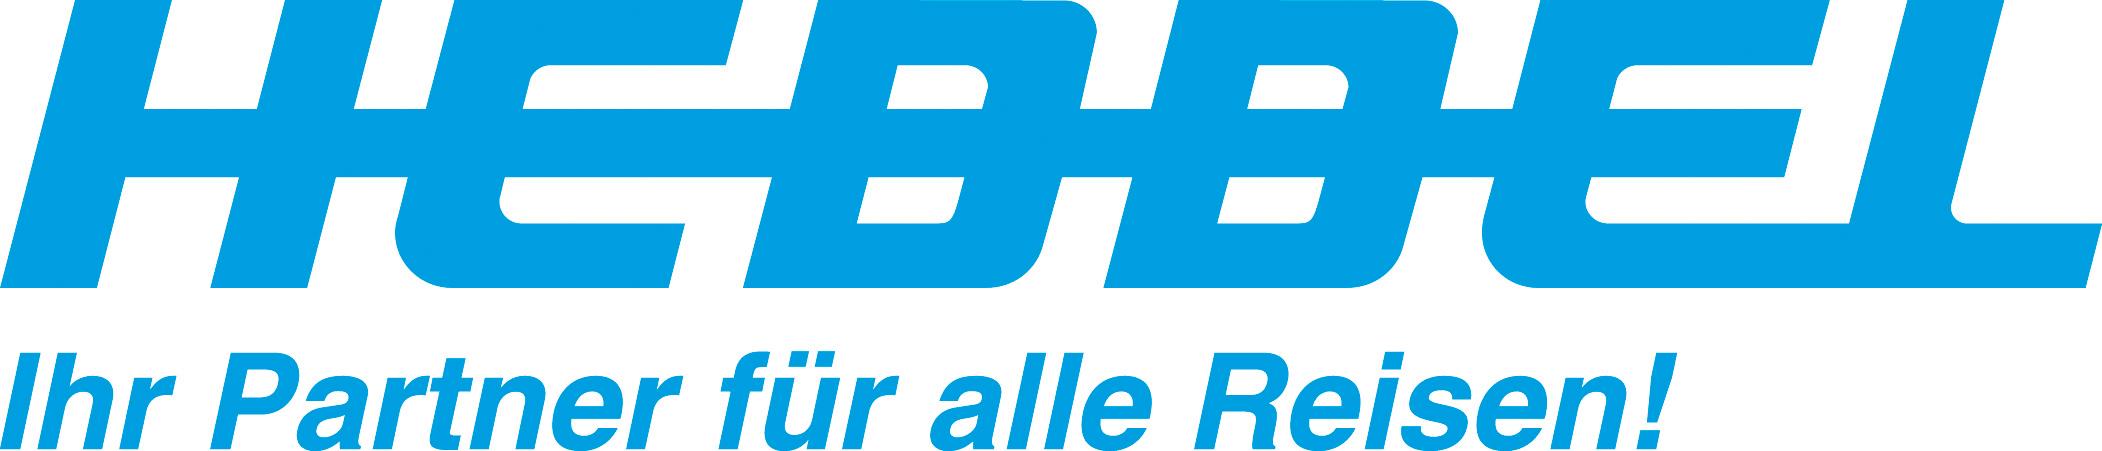 Reisebüro Hebbel Köln-Porz